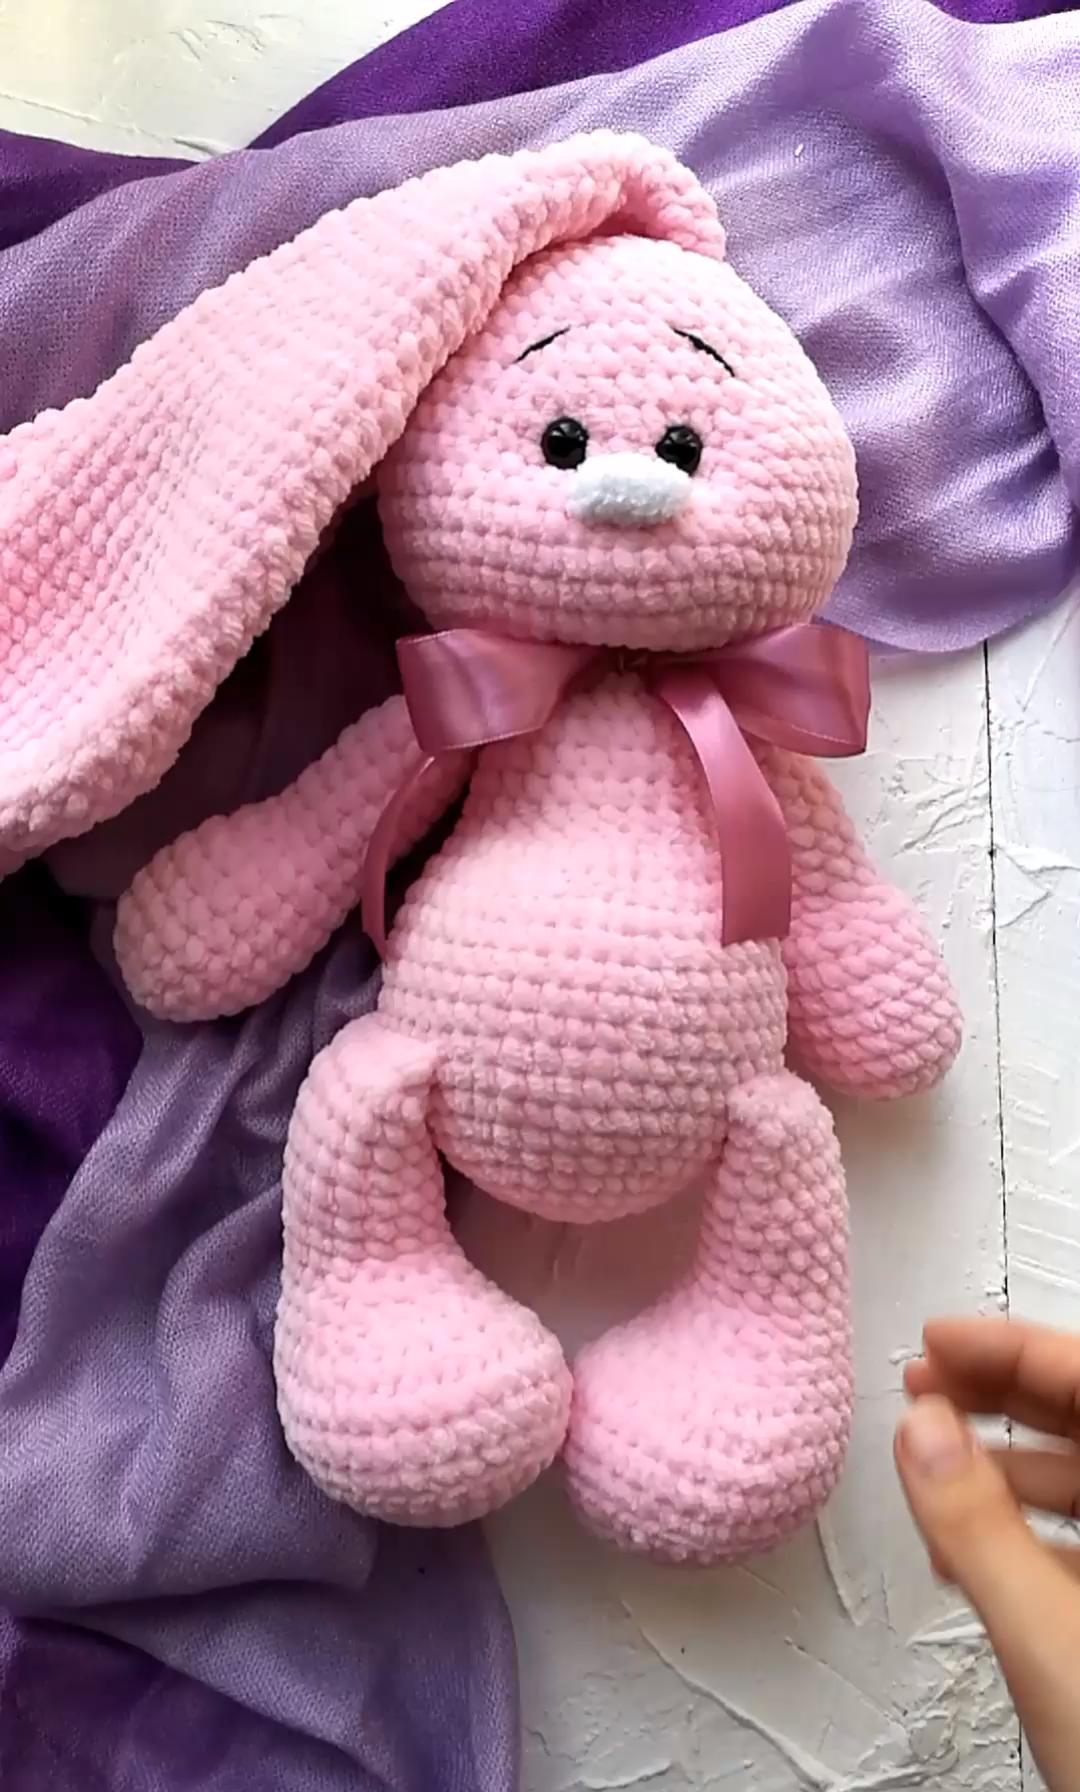 Photo of Kaninchenspielzeug für ein Neugeborenen- oder Kindergeschenk, häkeln Sie rosa Hase, reizendes Stofftierspielzeug, gestricktes Häschen,